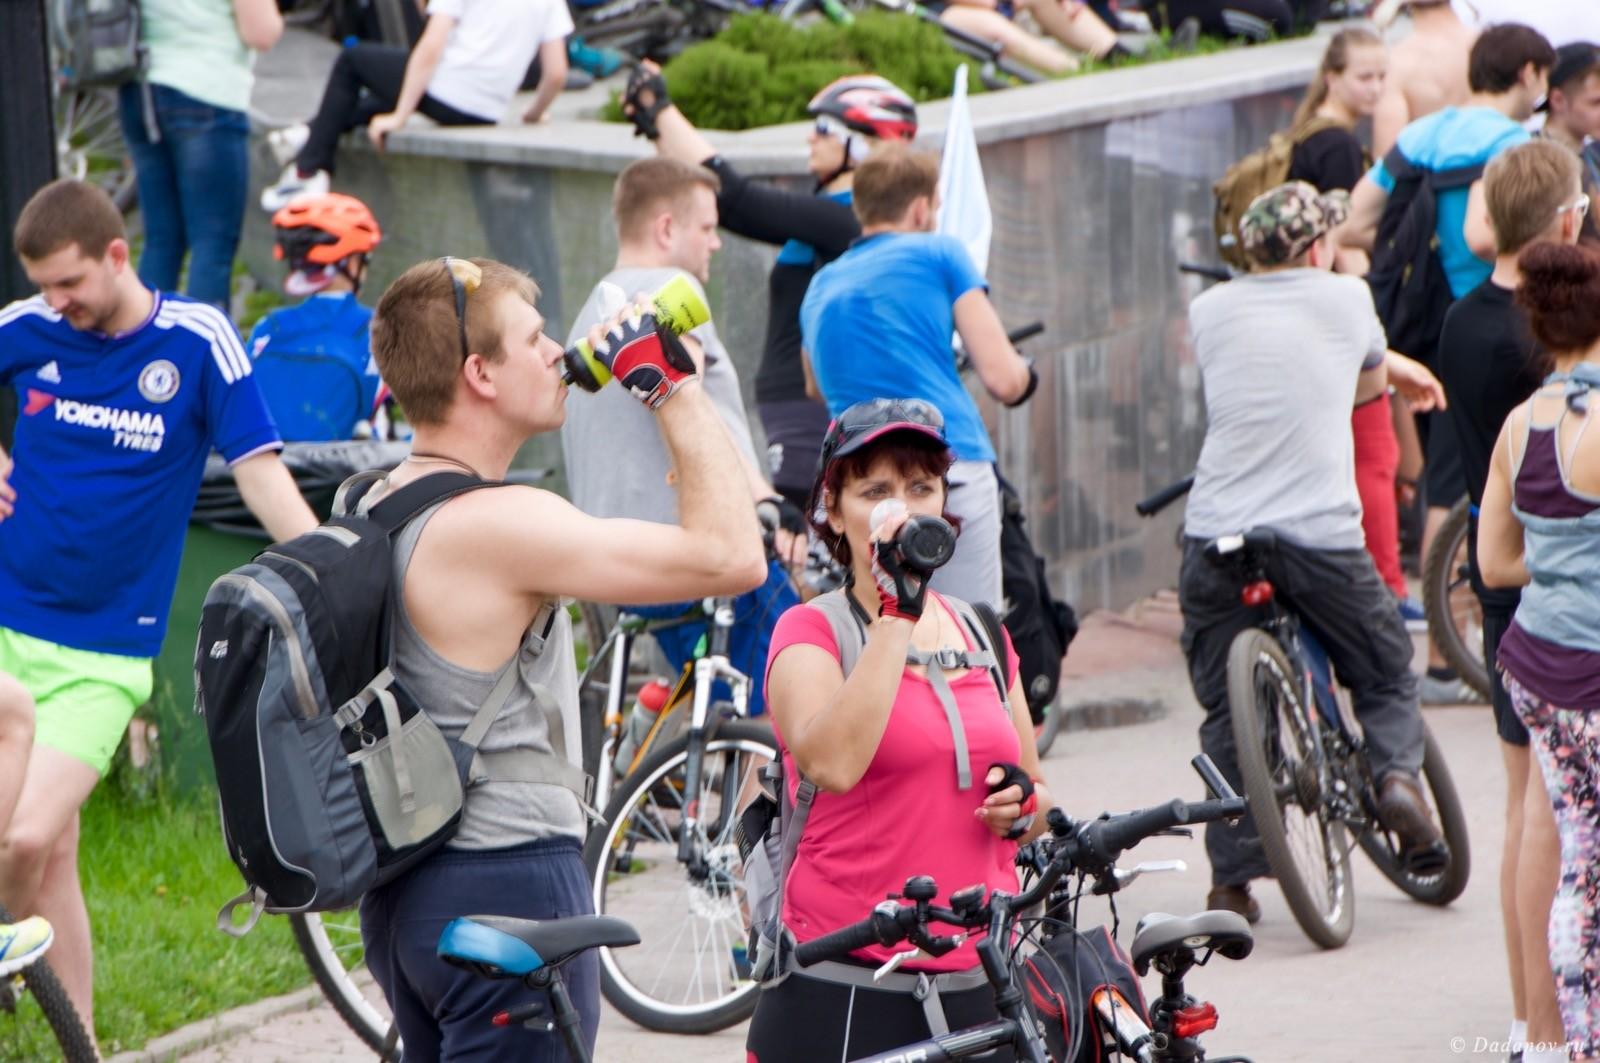 Велодень 2016 в Липецке состоялся. Фотографии с мероприятия 3055